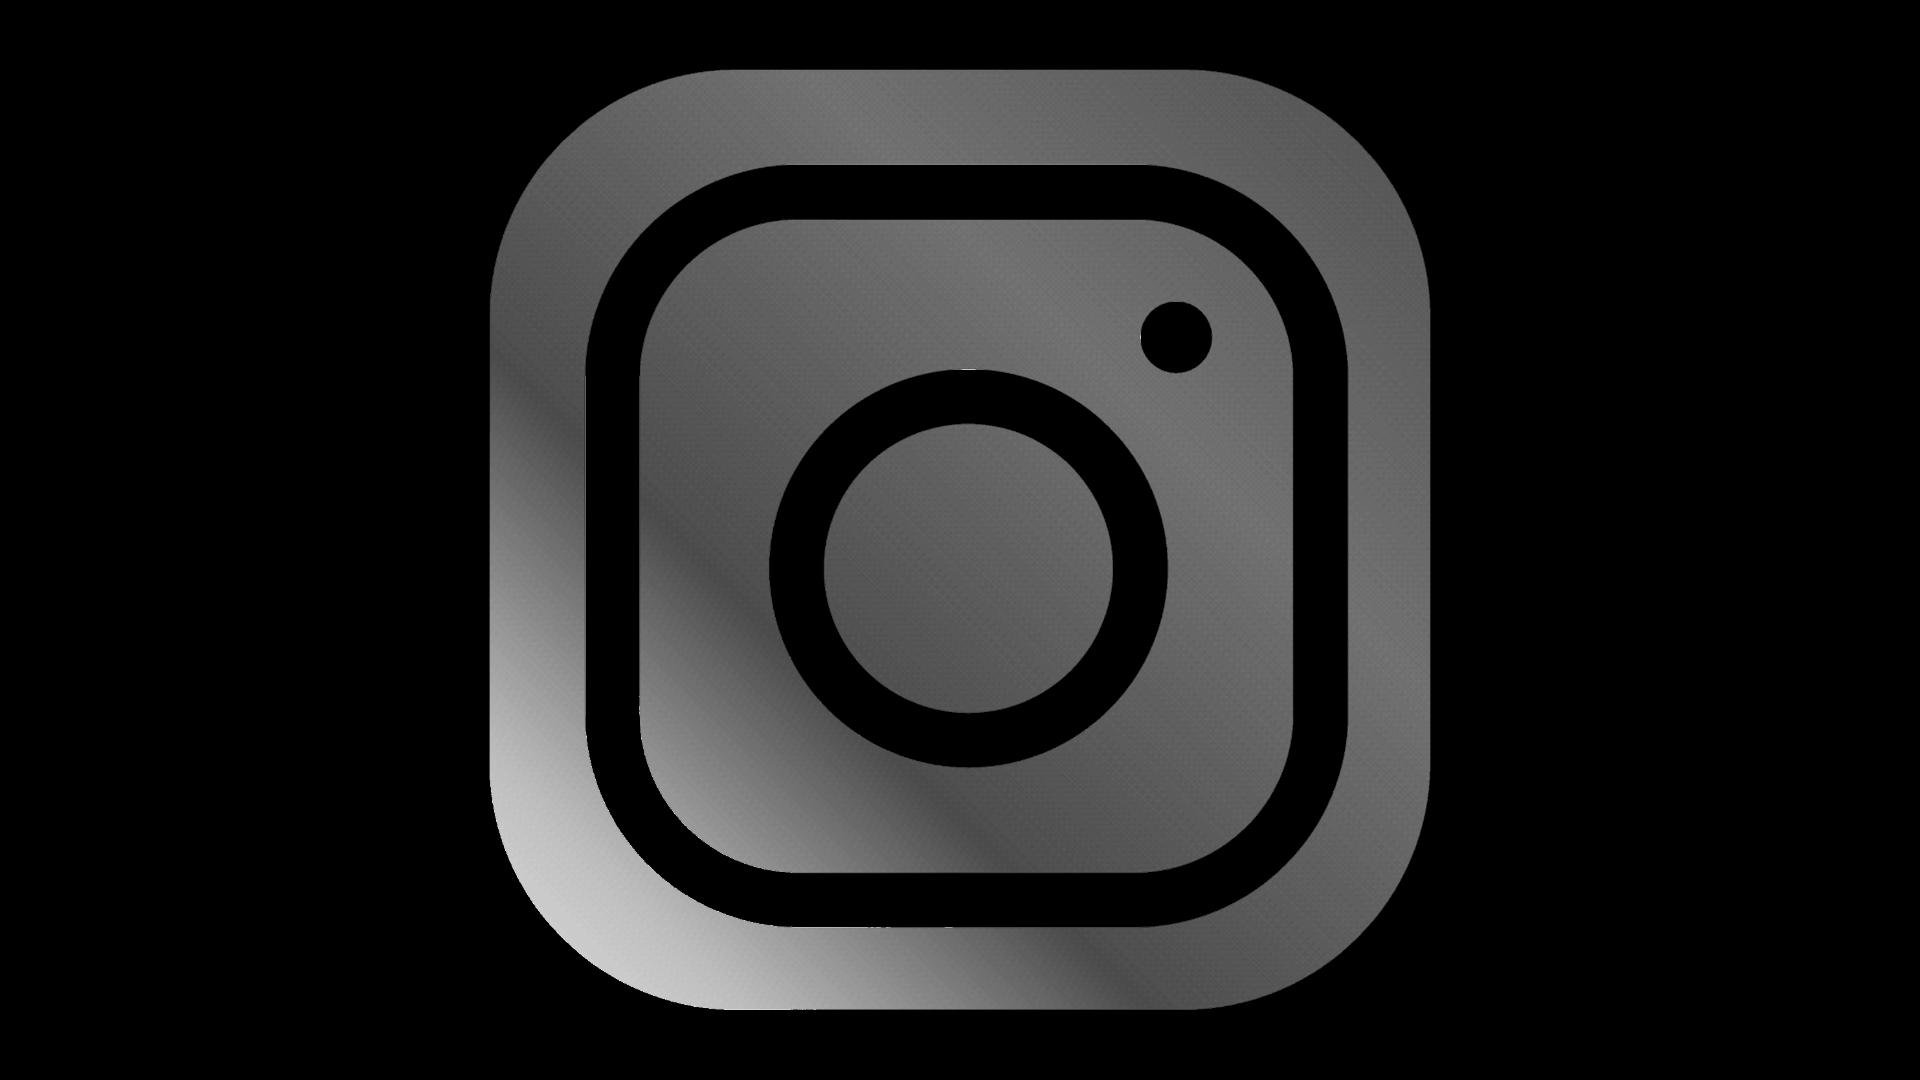 Comment activer le mode sombre sur Instagram ?